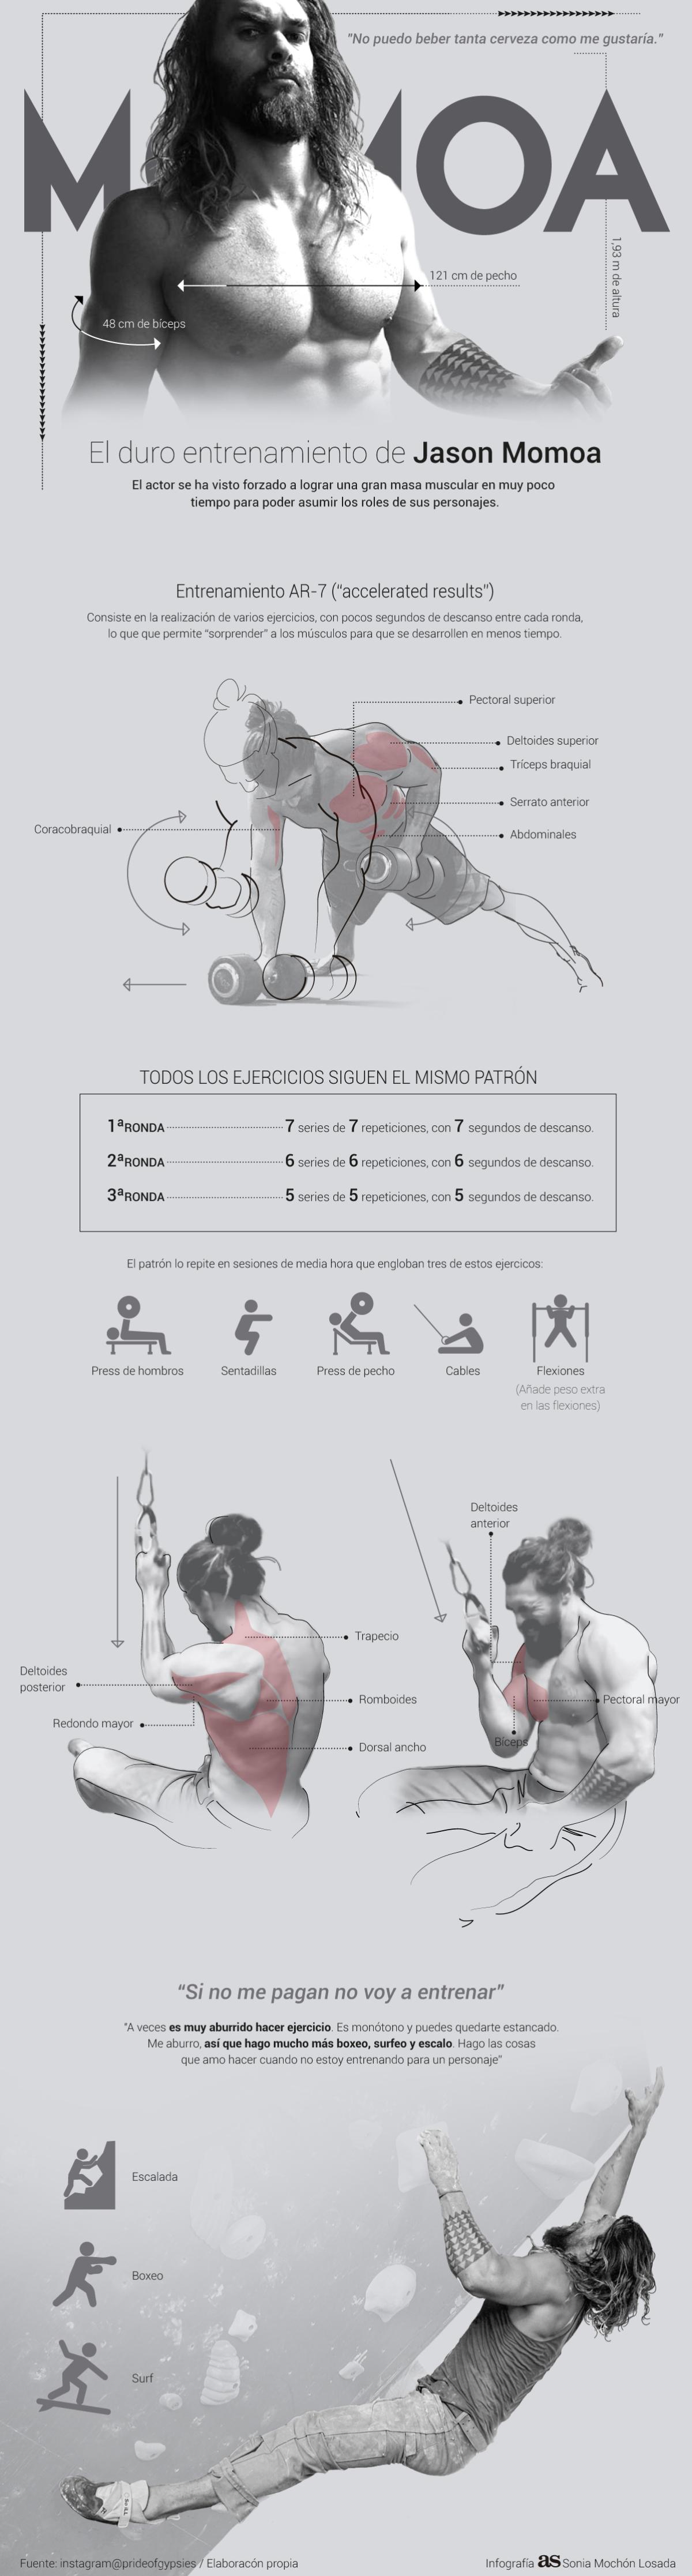 metodo de entrenamiento ar7